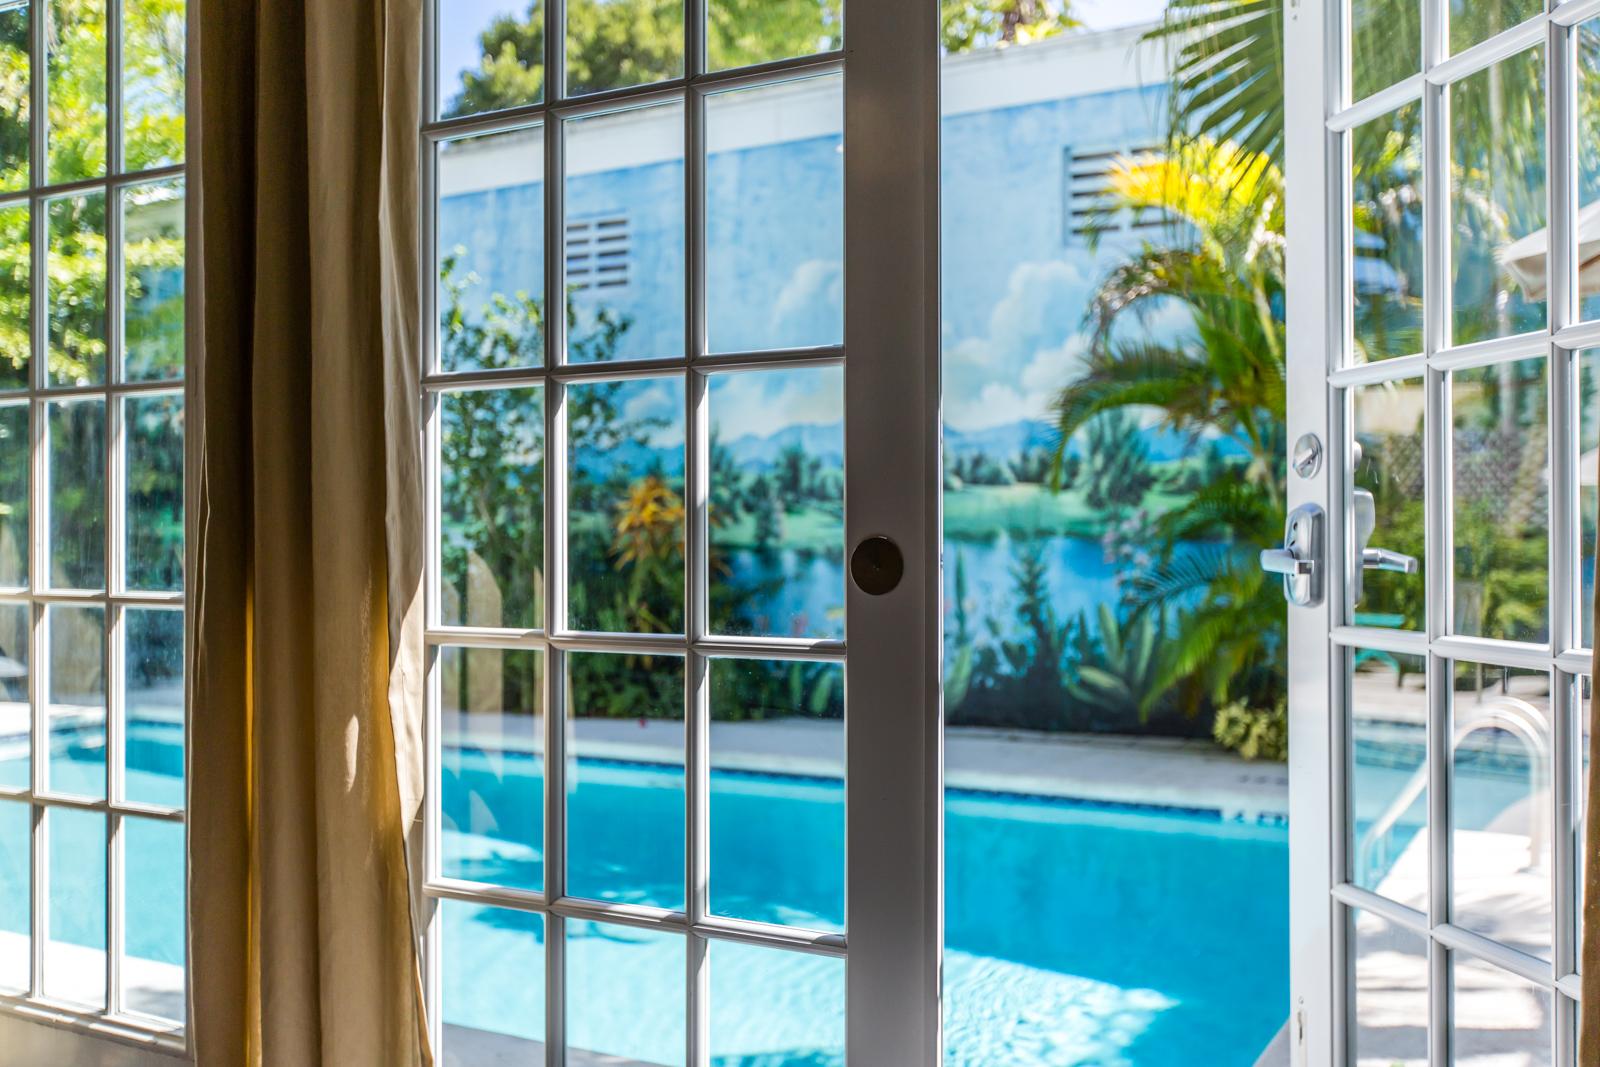 Rose Lane Villas Wedding Venue In South Florida Partyspace